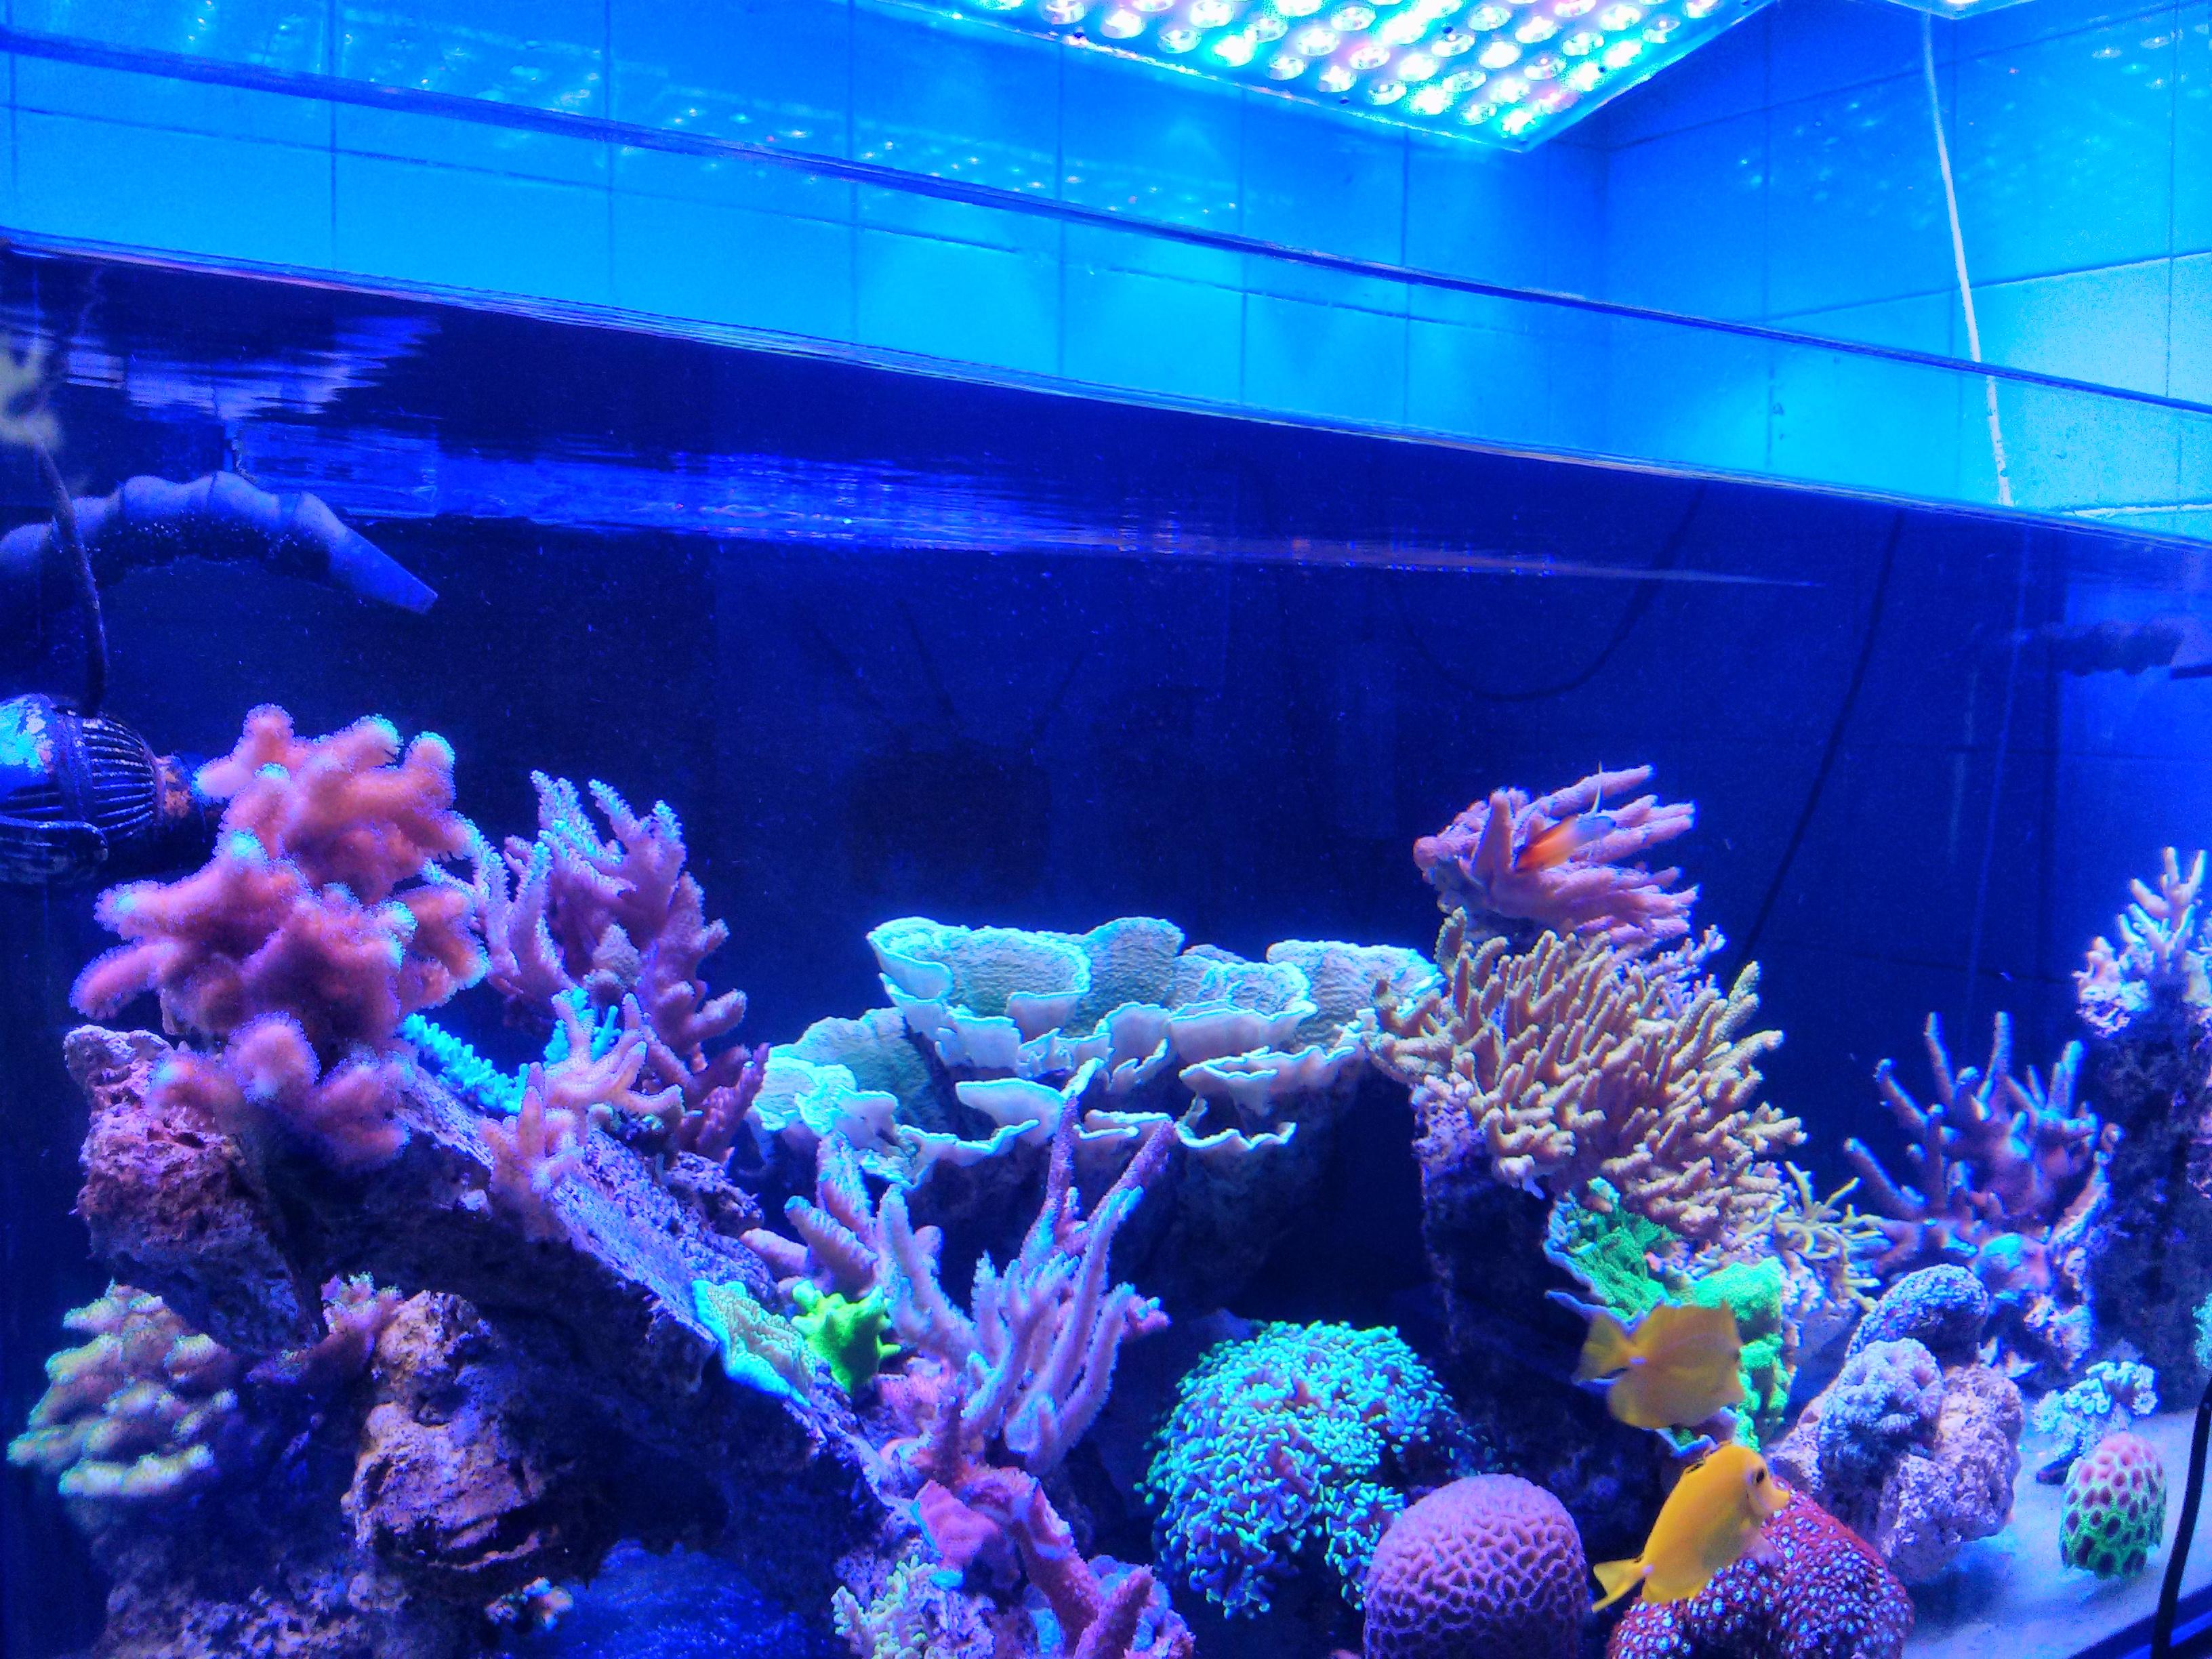 Par acquario di illuminazione a led orphek dell 39 acquario for Led per acquario